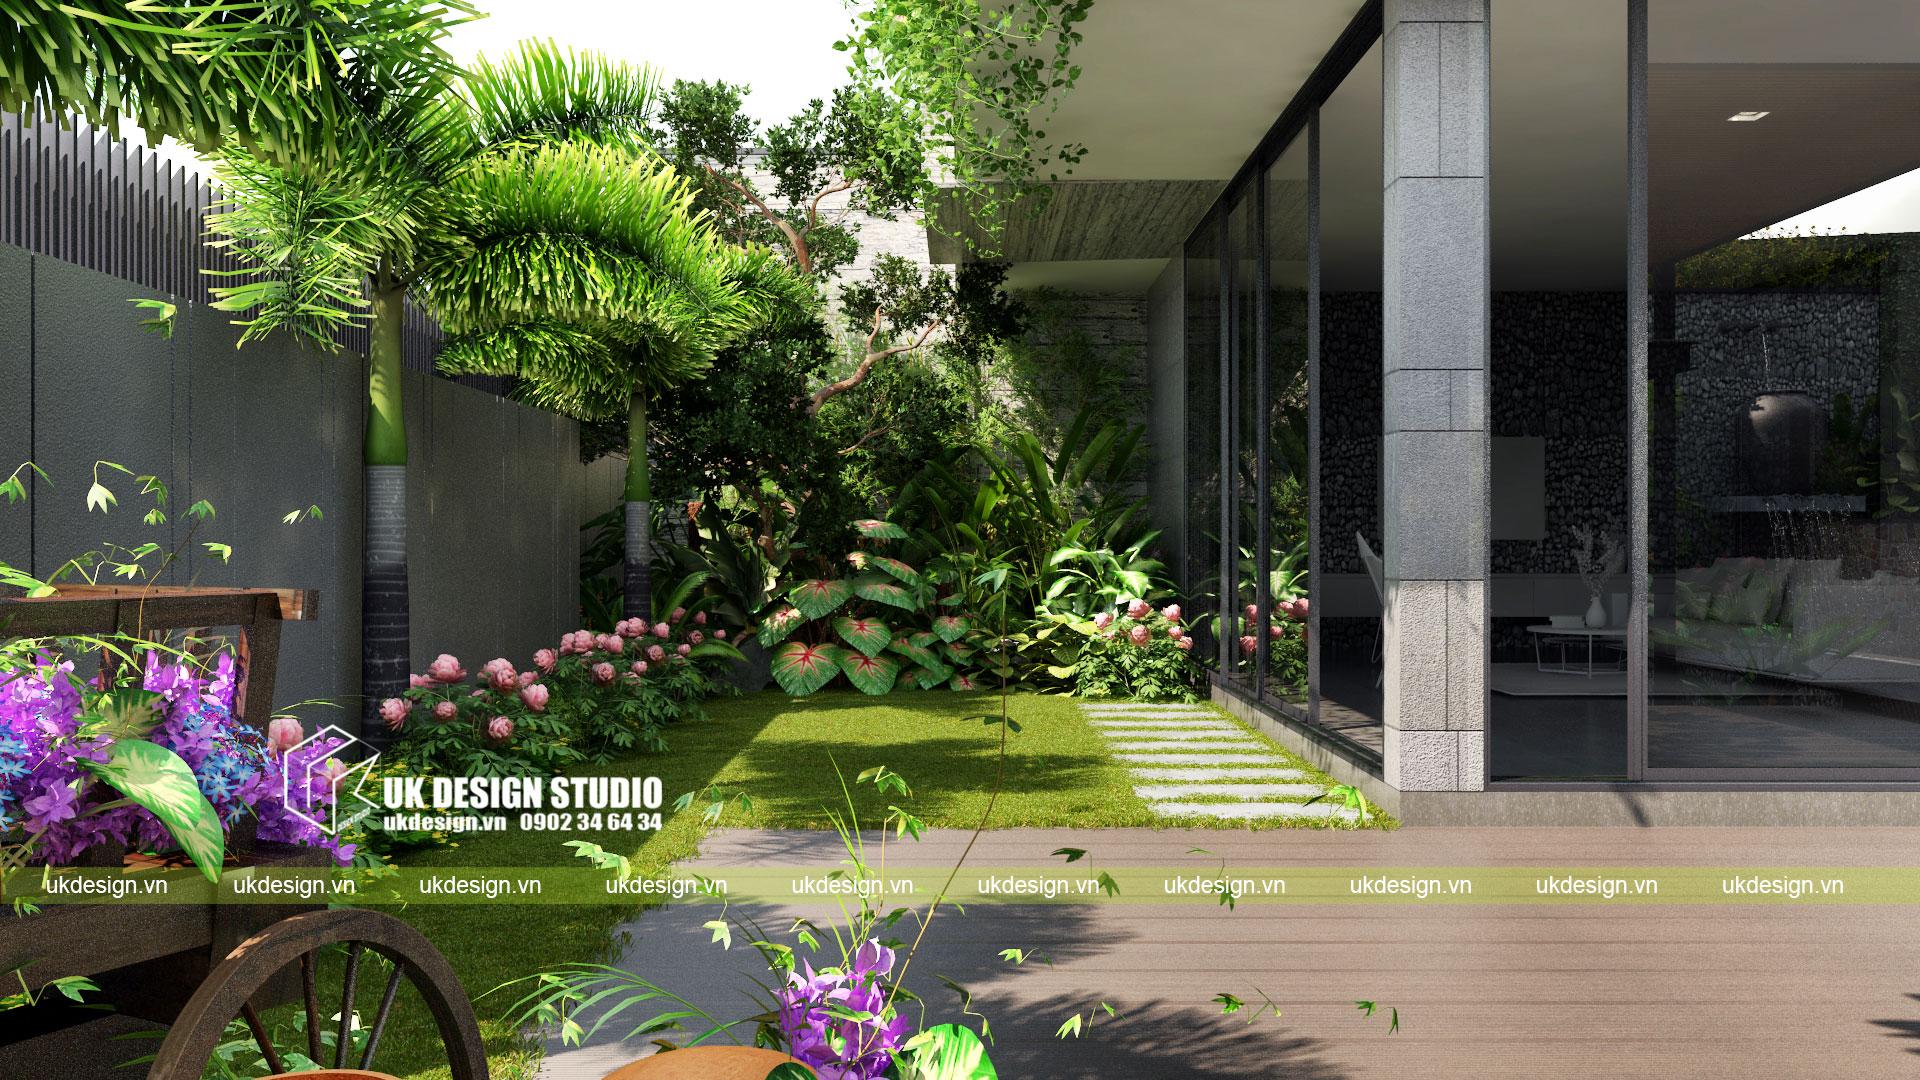 Thiết kế biệt thự vườn có hồ bơi ở Sài Gòn - 5